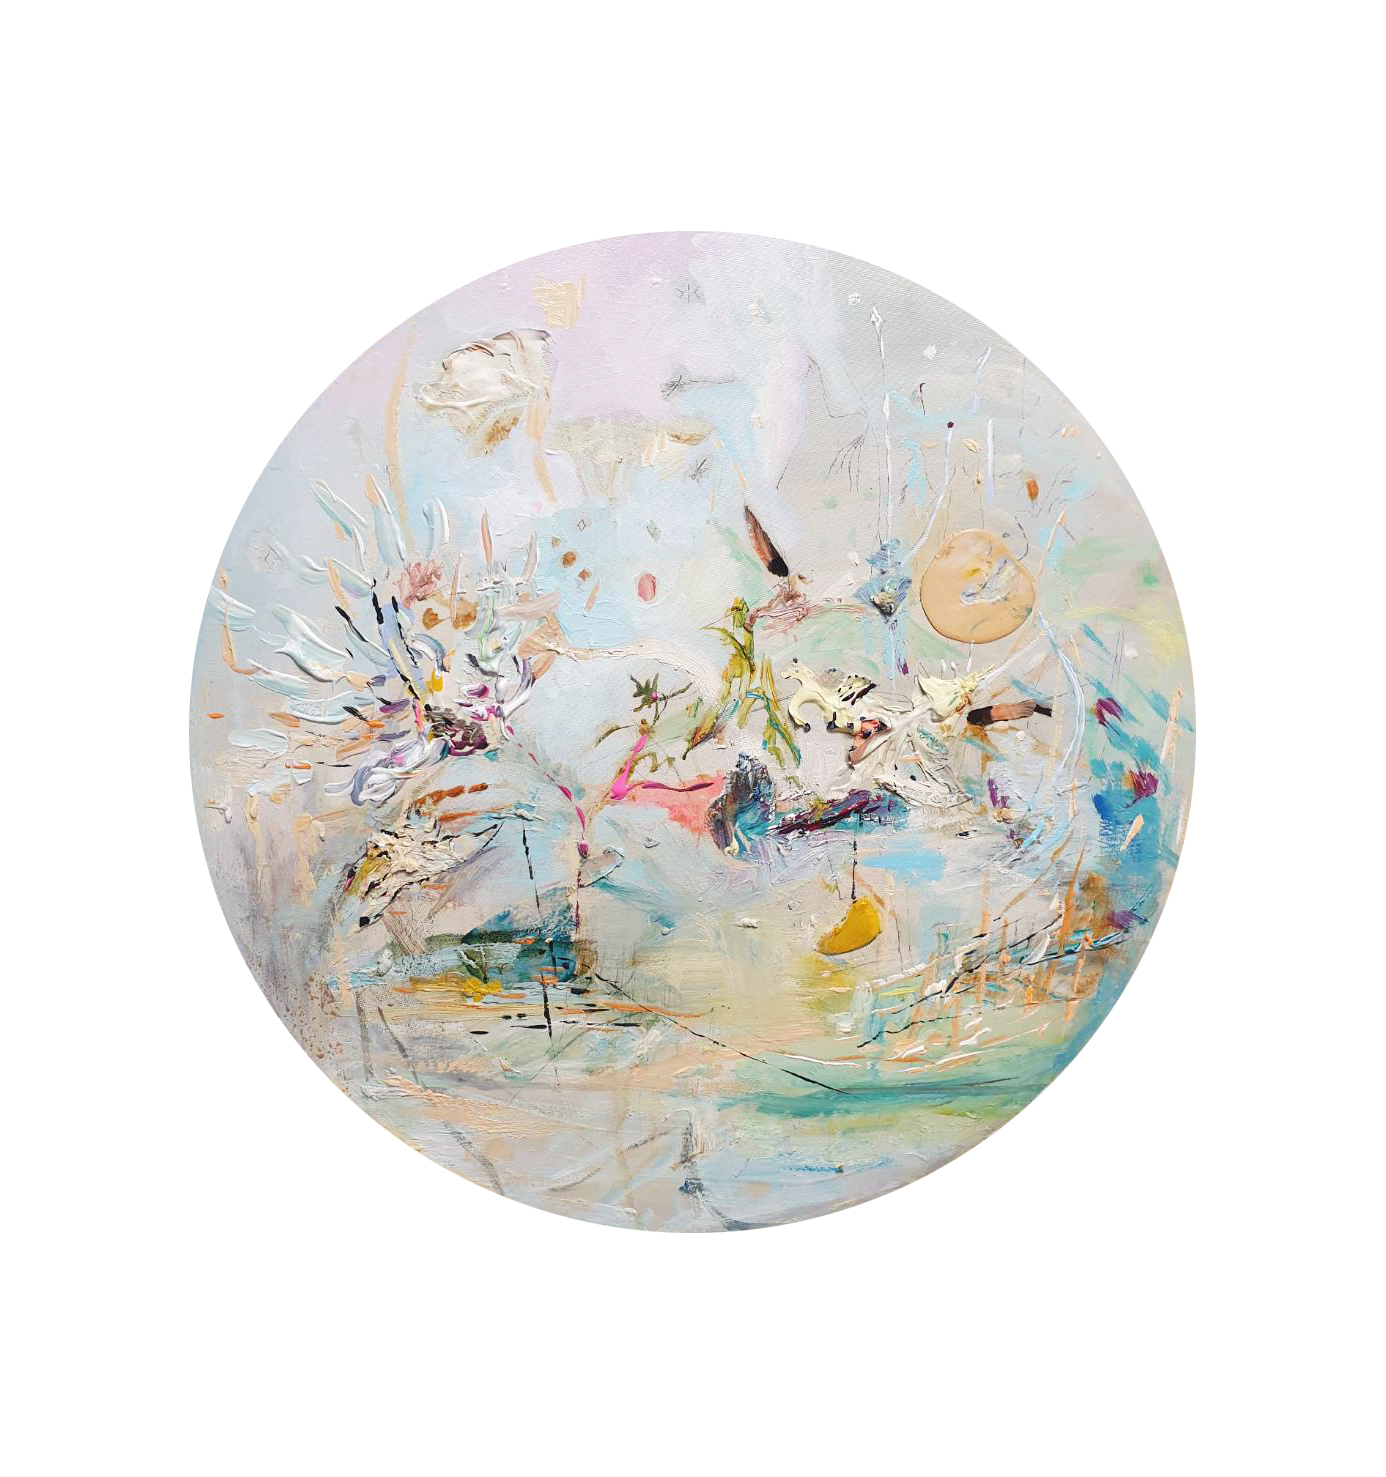 佈滿蚊子星星的天空 oil on cavas 50x50cm  2020